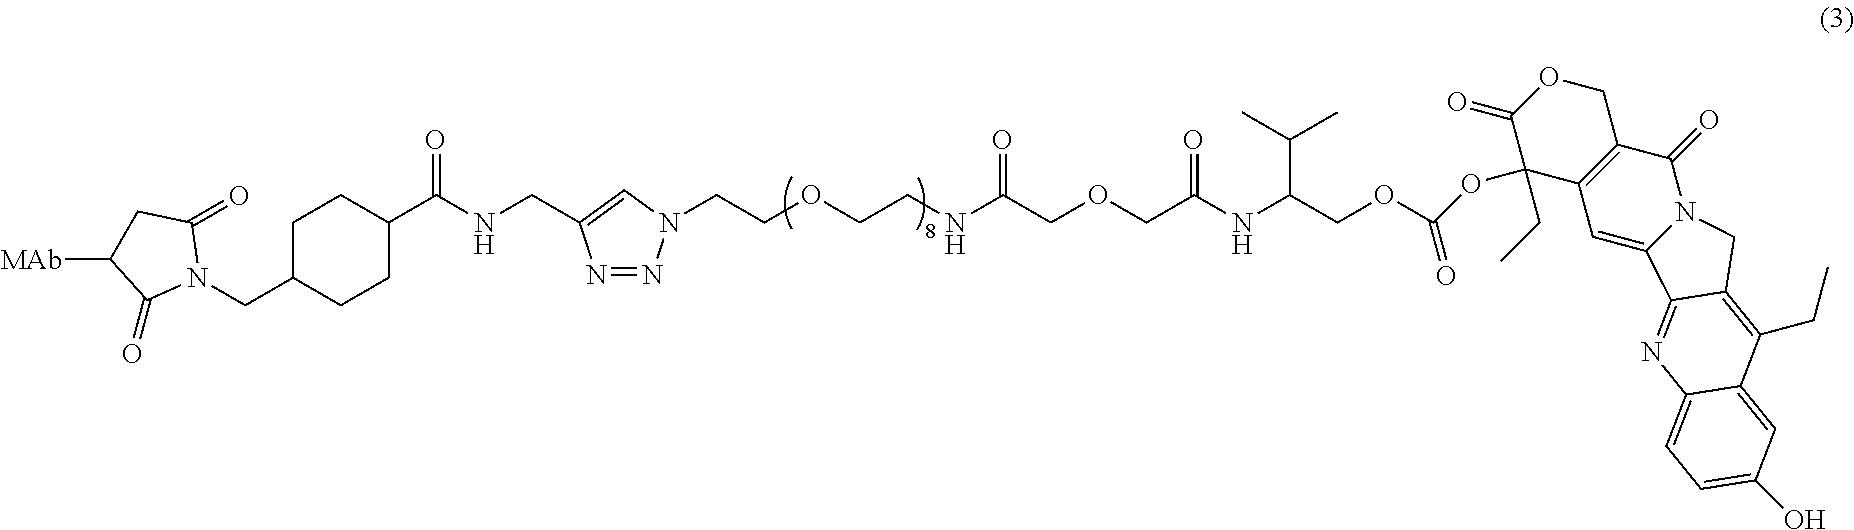 Figure US10265414-20190423-C00003